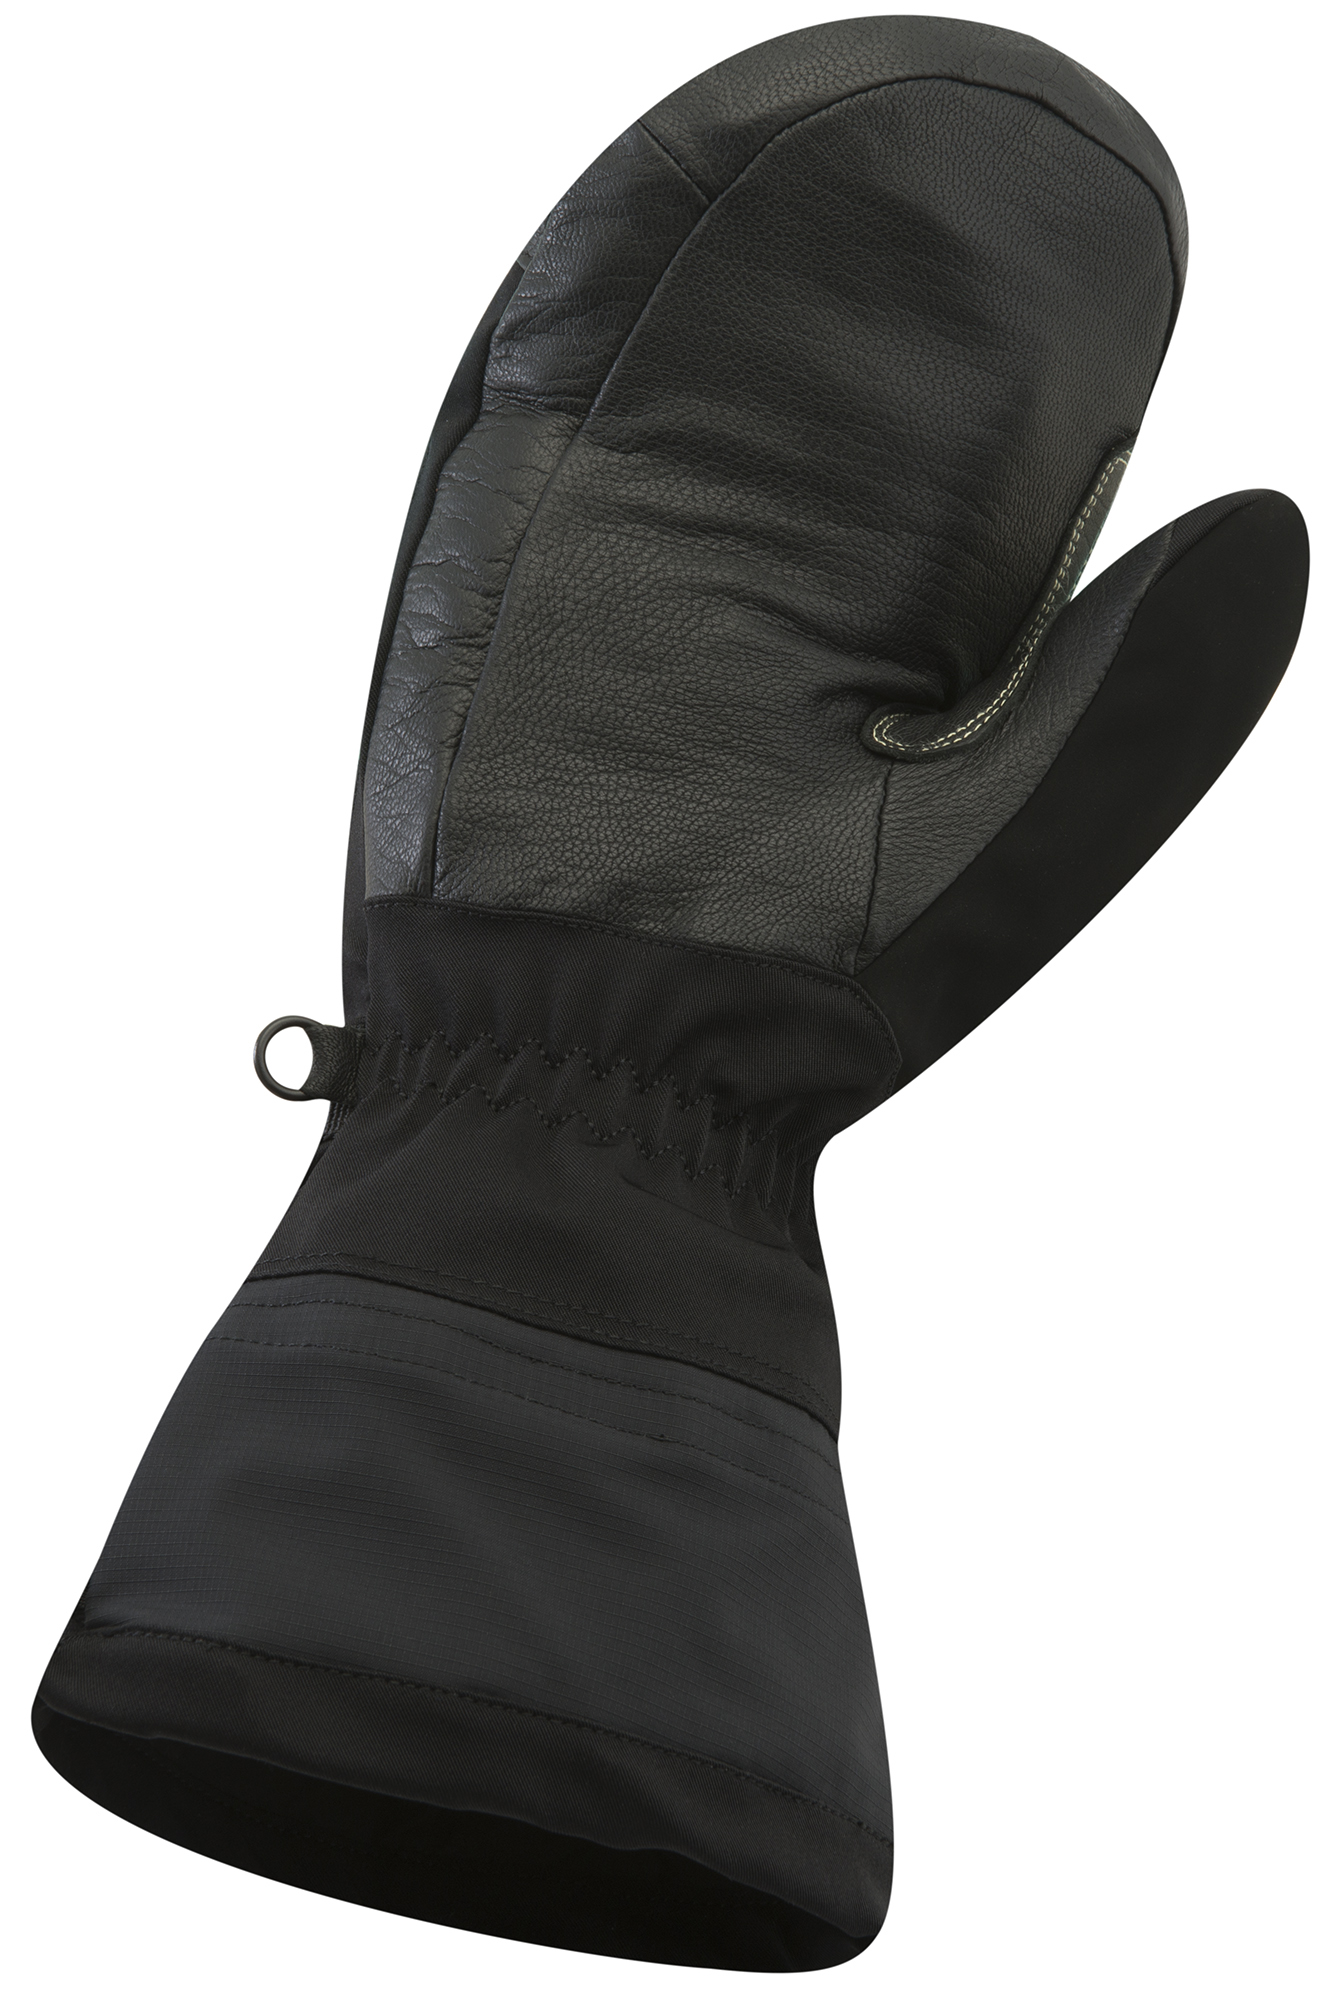 Black diamond gloves guide - Black Diamond Gloves Guide 41